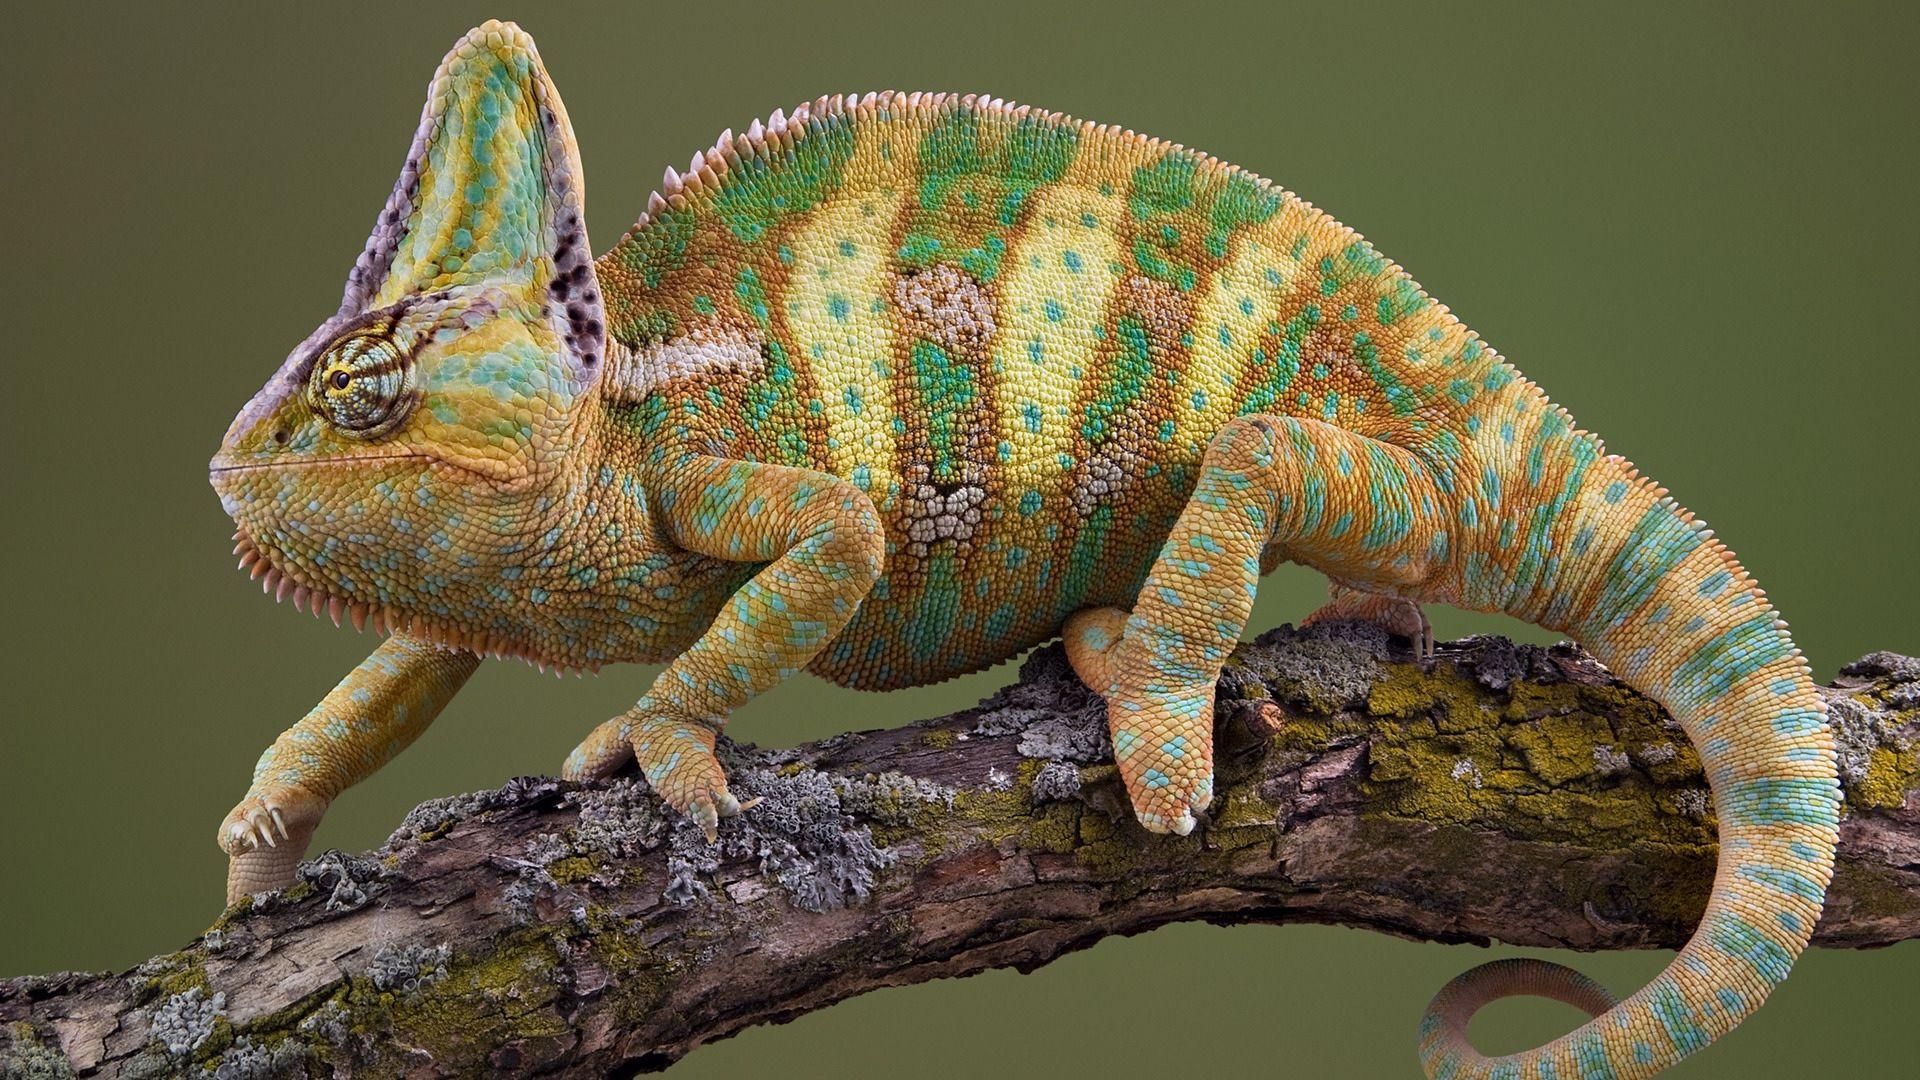 Striped Chameleon